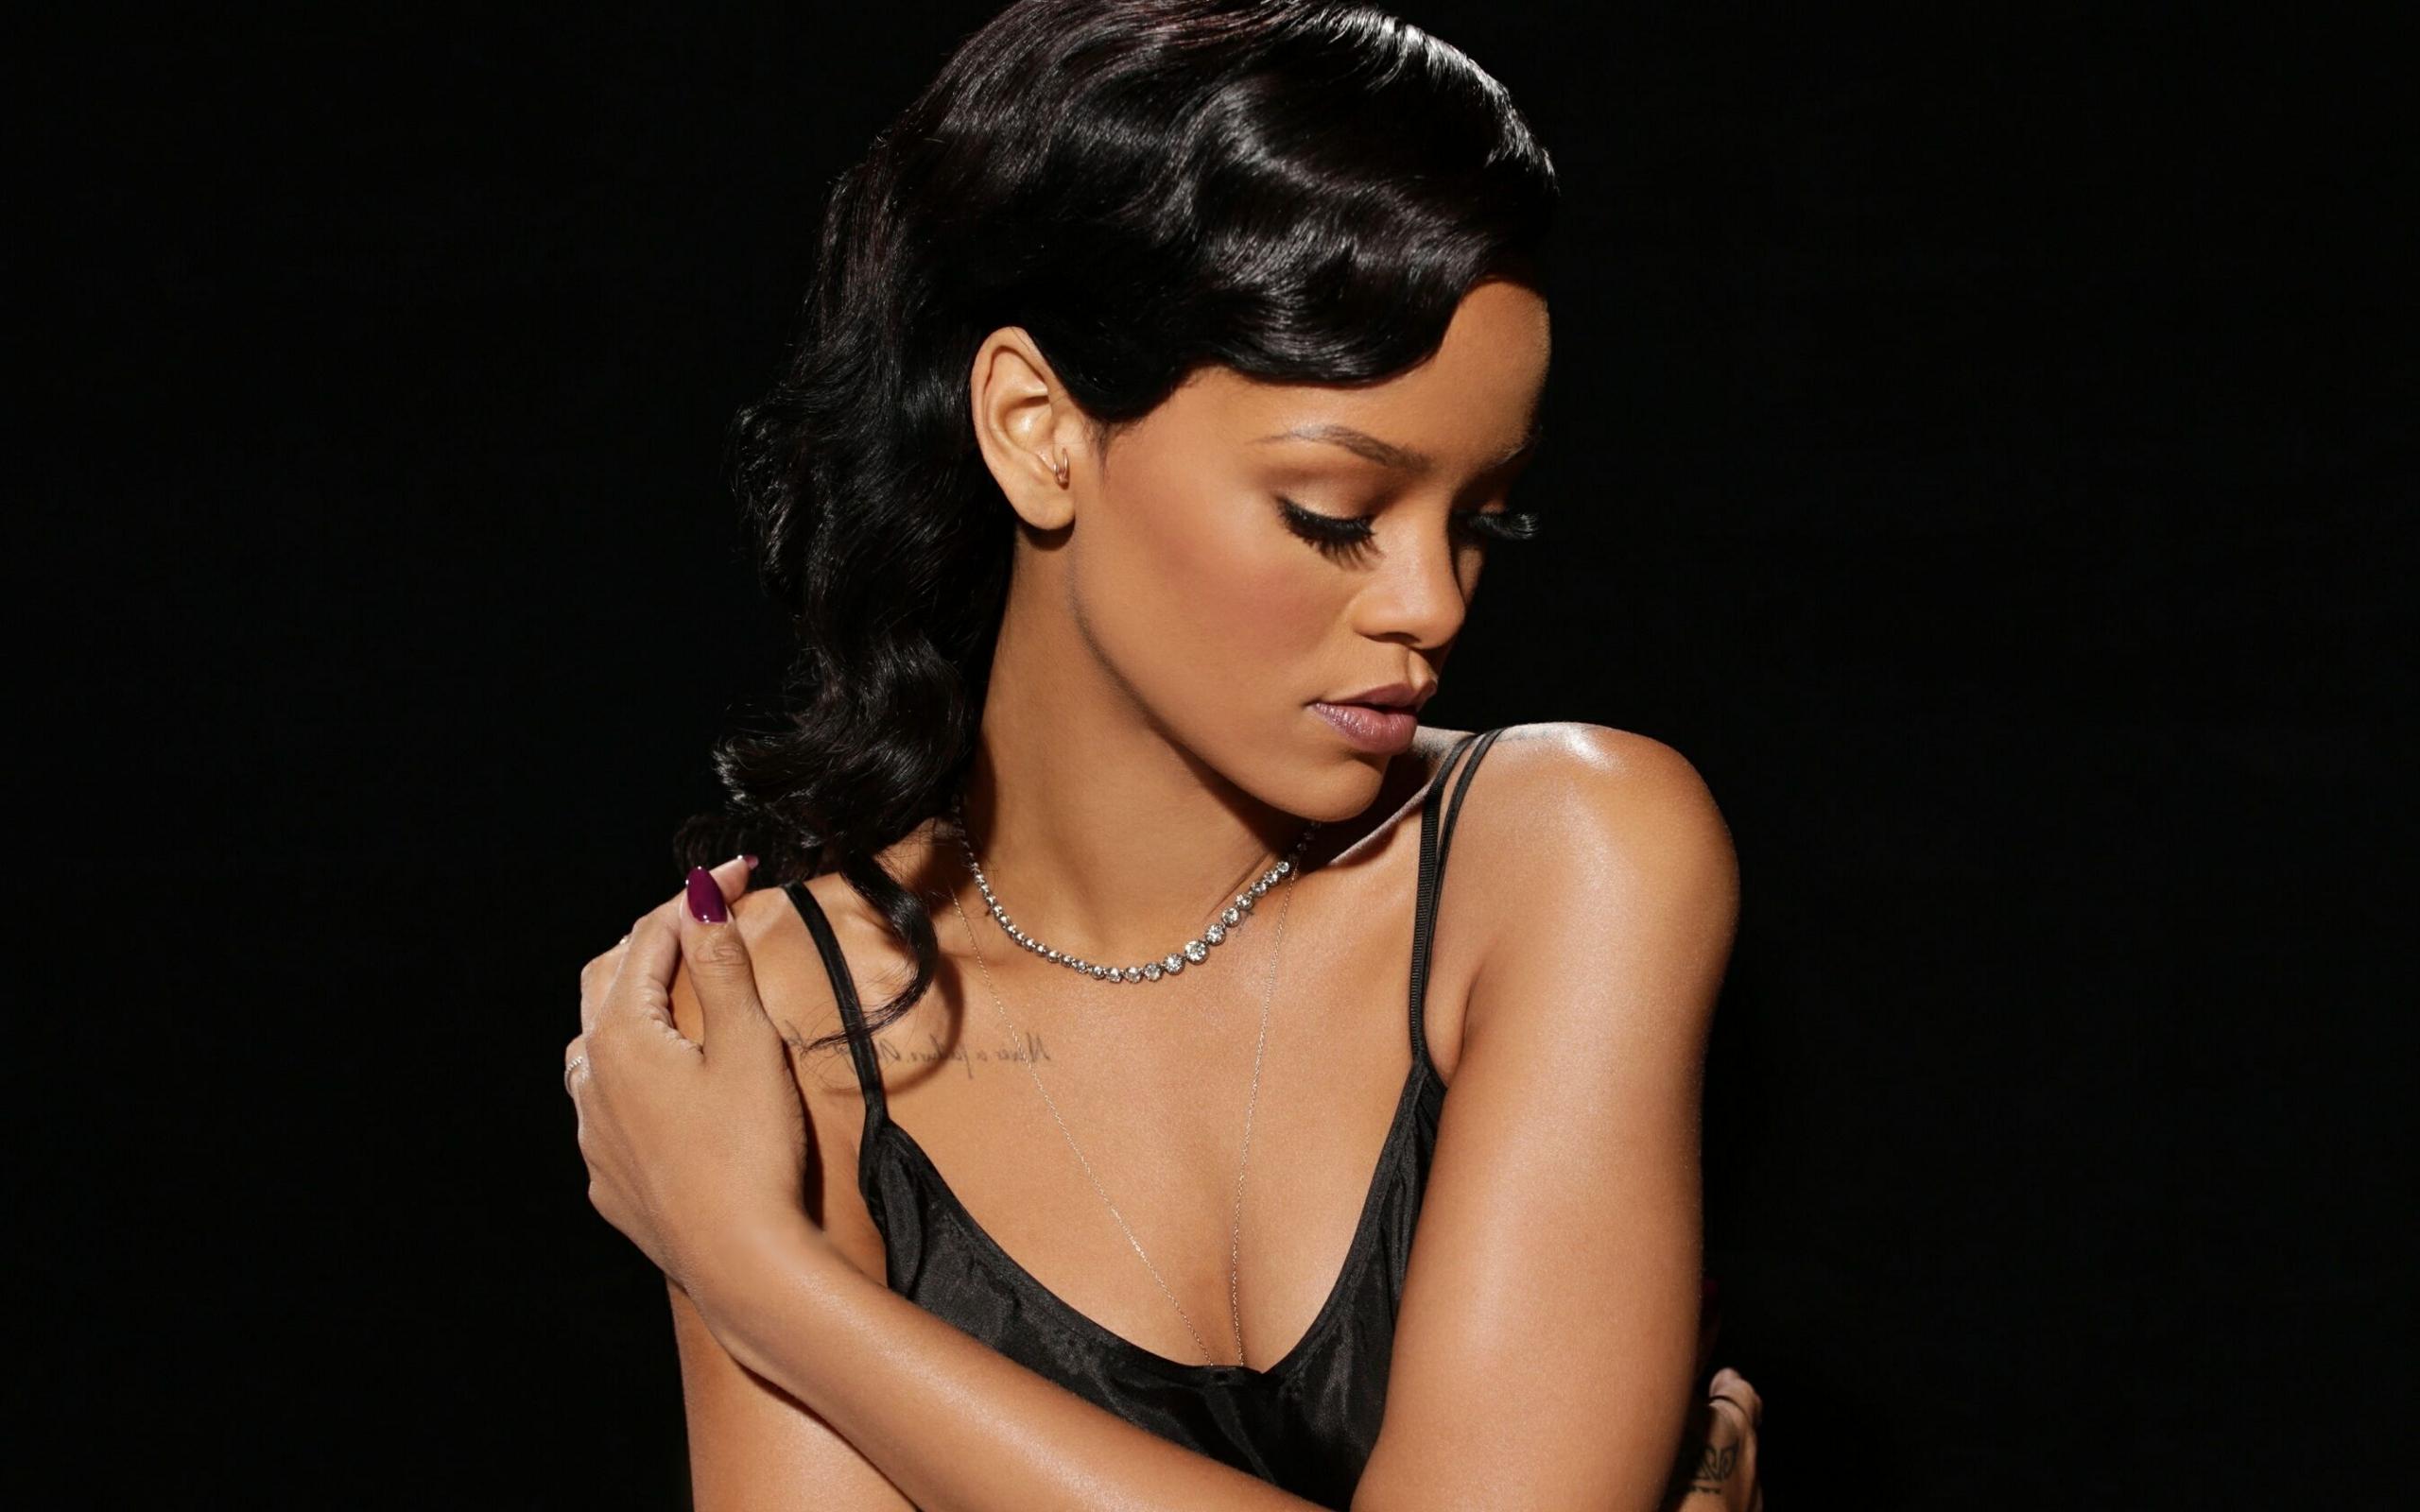 Rihanna 32 High Resolution Wallpaper